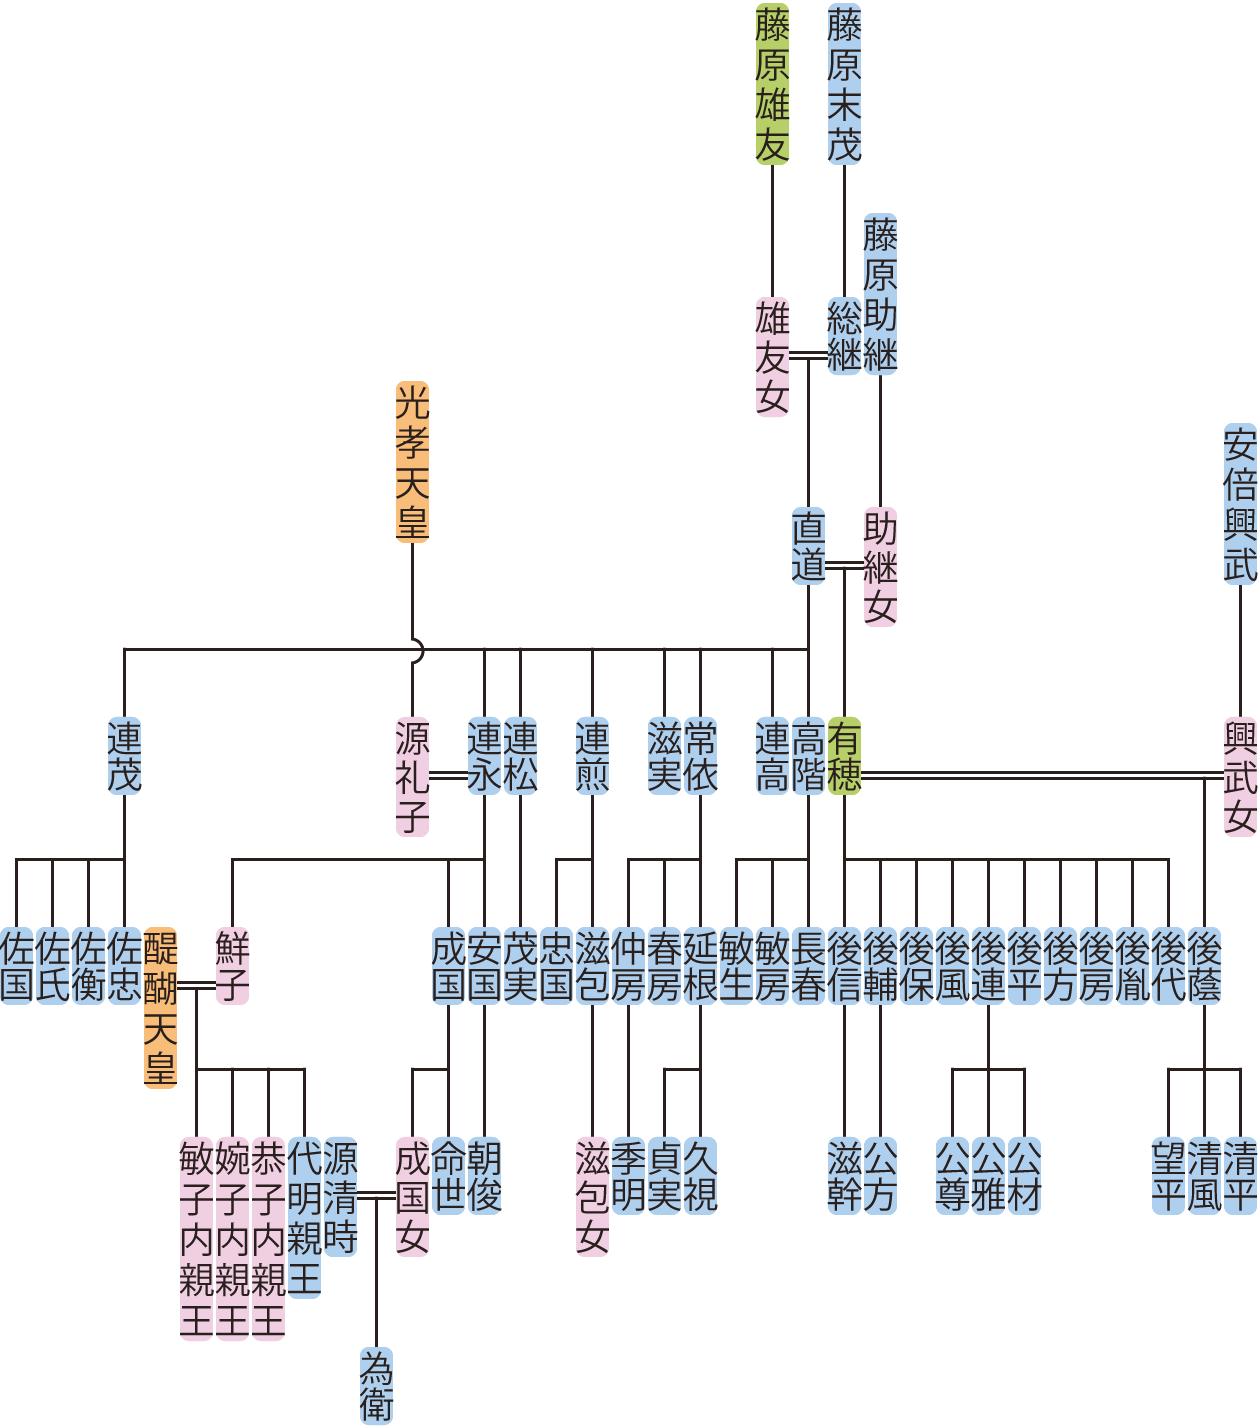 藤原直道の系図